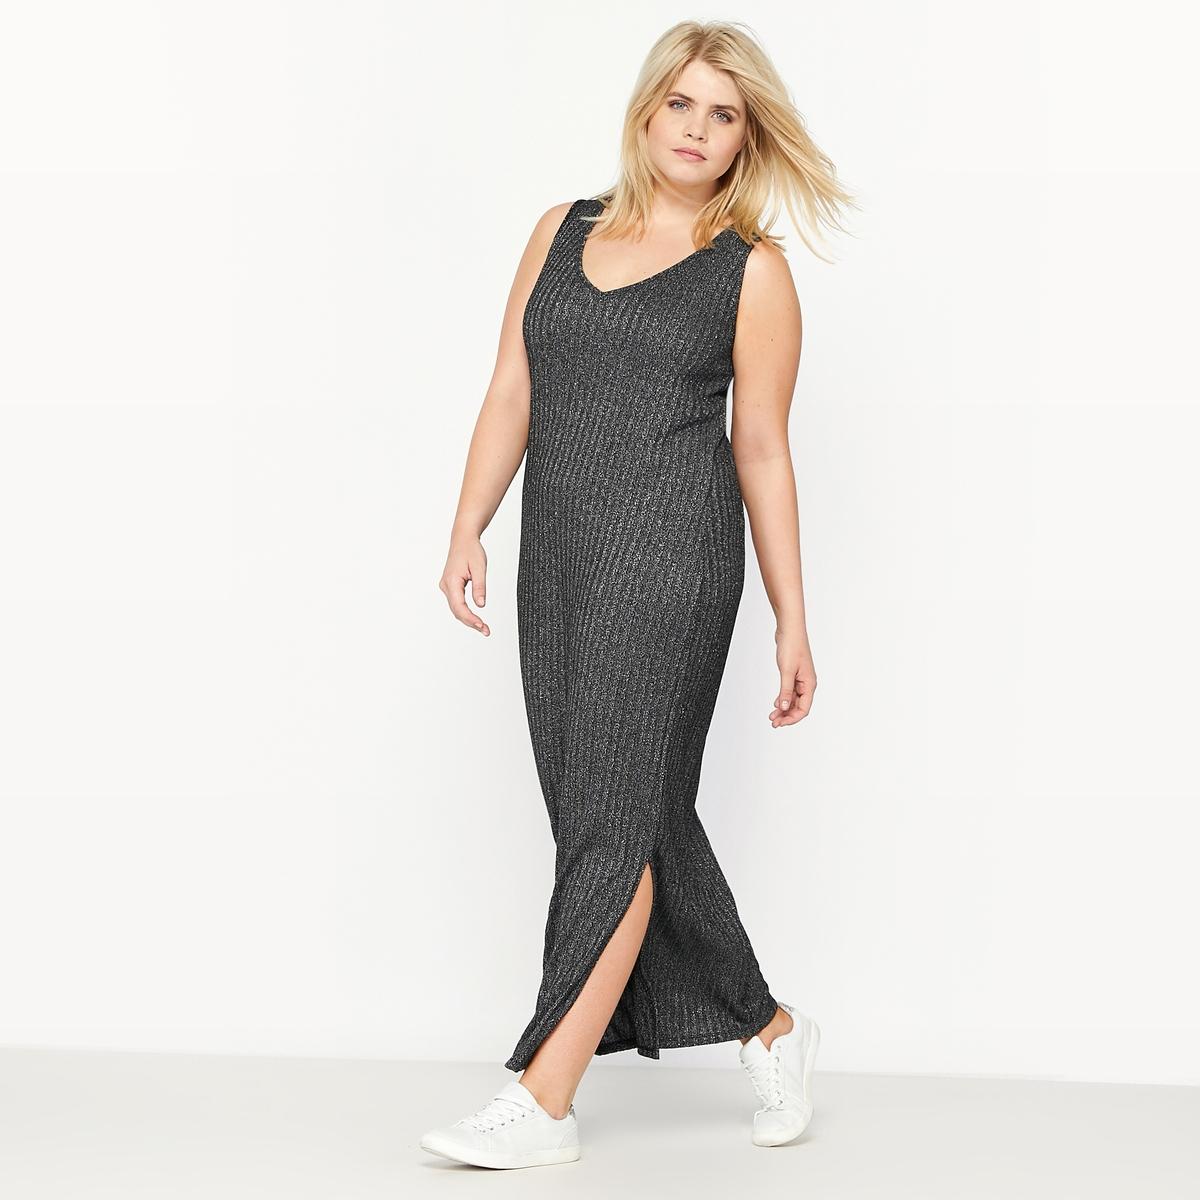 Платье-пуловер из рифленого трикотажаПлатье-пуловер из рифленого трикотажа.V-образный вырез спереди.Разрезы по бокам. Состав и описание :Материал : рифленый трикотаж 69 % полиэстера, 22 % вискозы, 9 % металлизированного волокнаДлина : 130 см для размера 48Марка : CASTALUNAУход : Машинная стирка при 30 °С в деликатном режиме<br><br>Цвет: черный